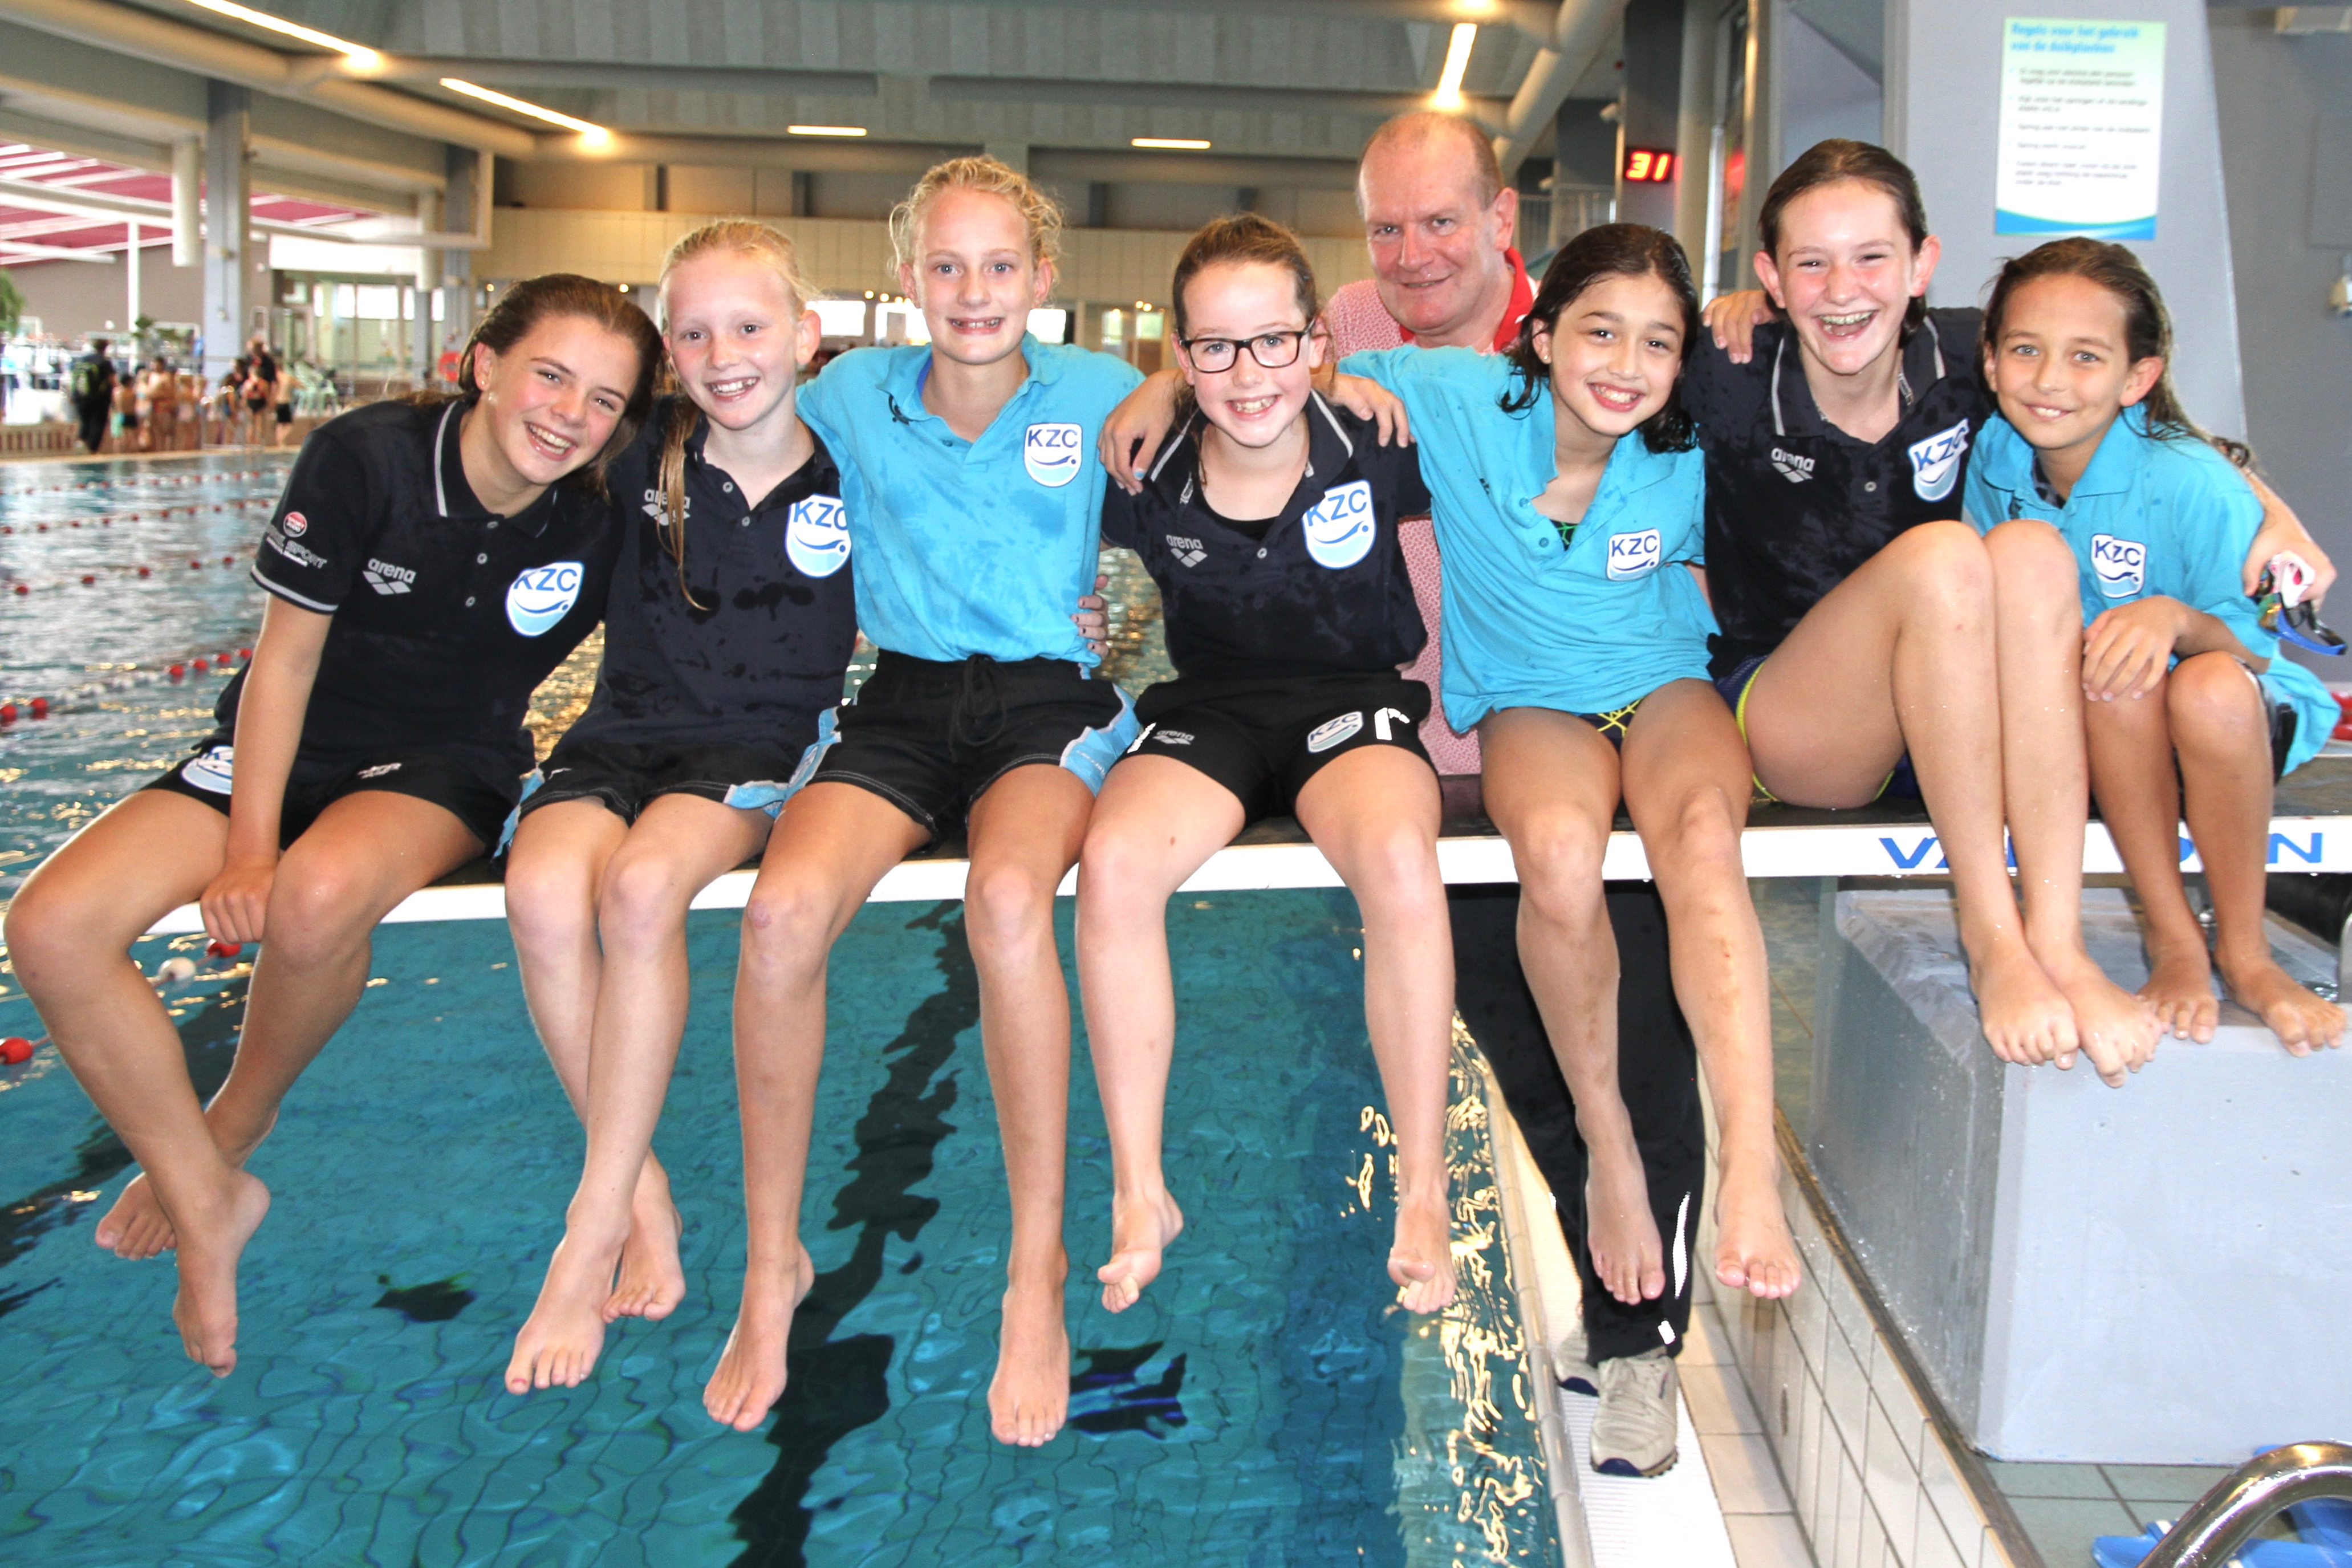 Op de foto van links naar rechts: Maya, Nanou, Eline, Anne, Emma, Lisan en Lisanne met hun trainer Paul Martens. (Foto: Aangeleverd)